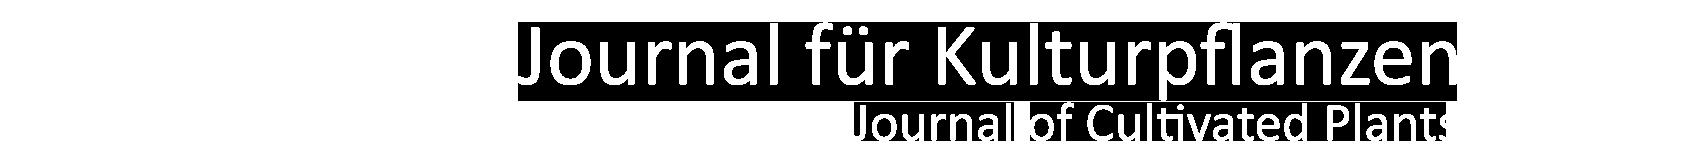 Header Journal für Kulturpflanzen